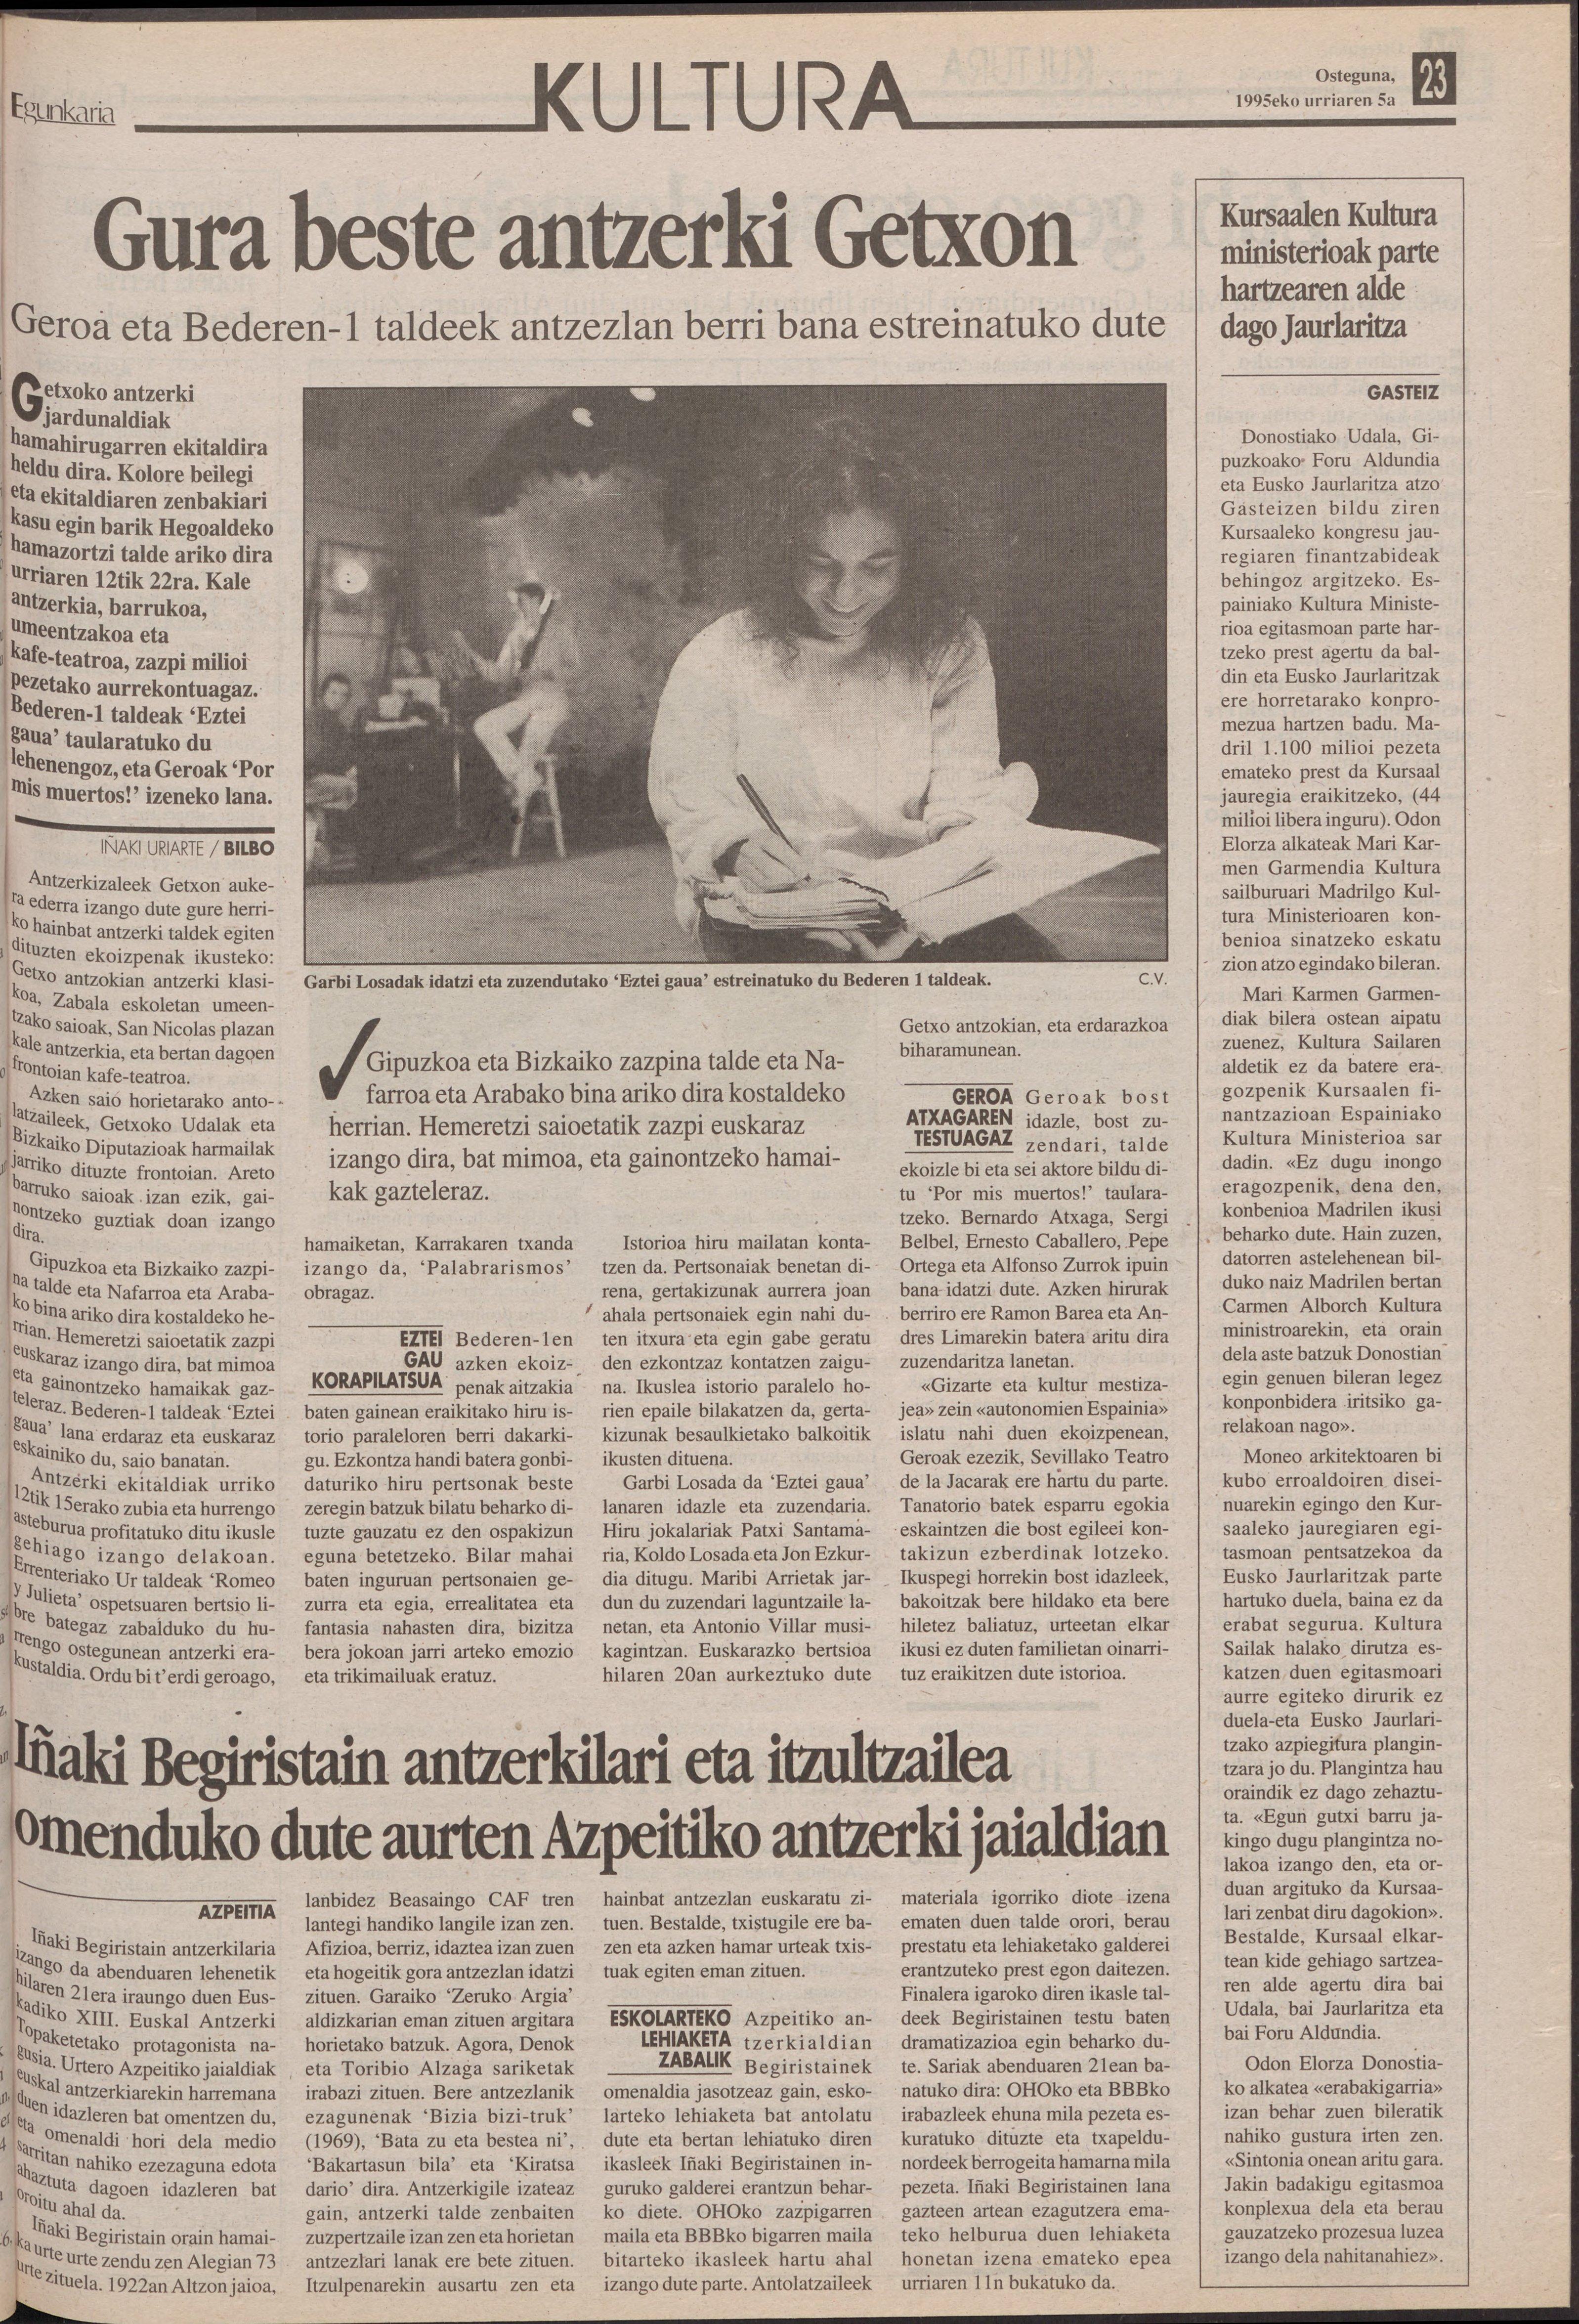 1995ko urriak 5, 23. orrialdea